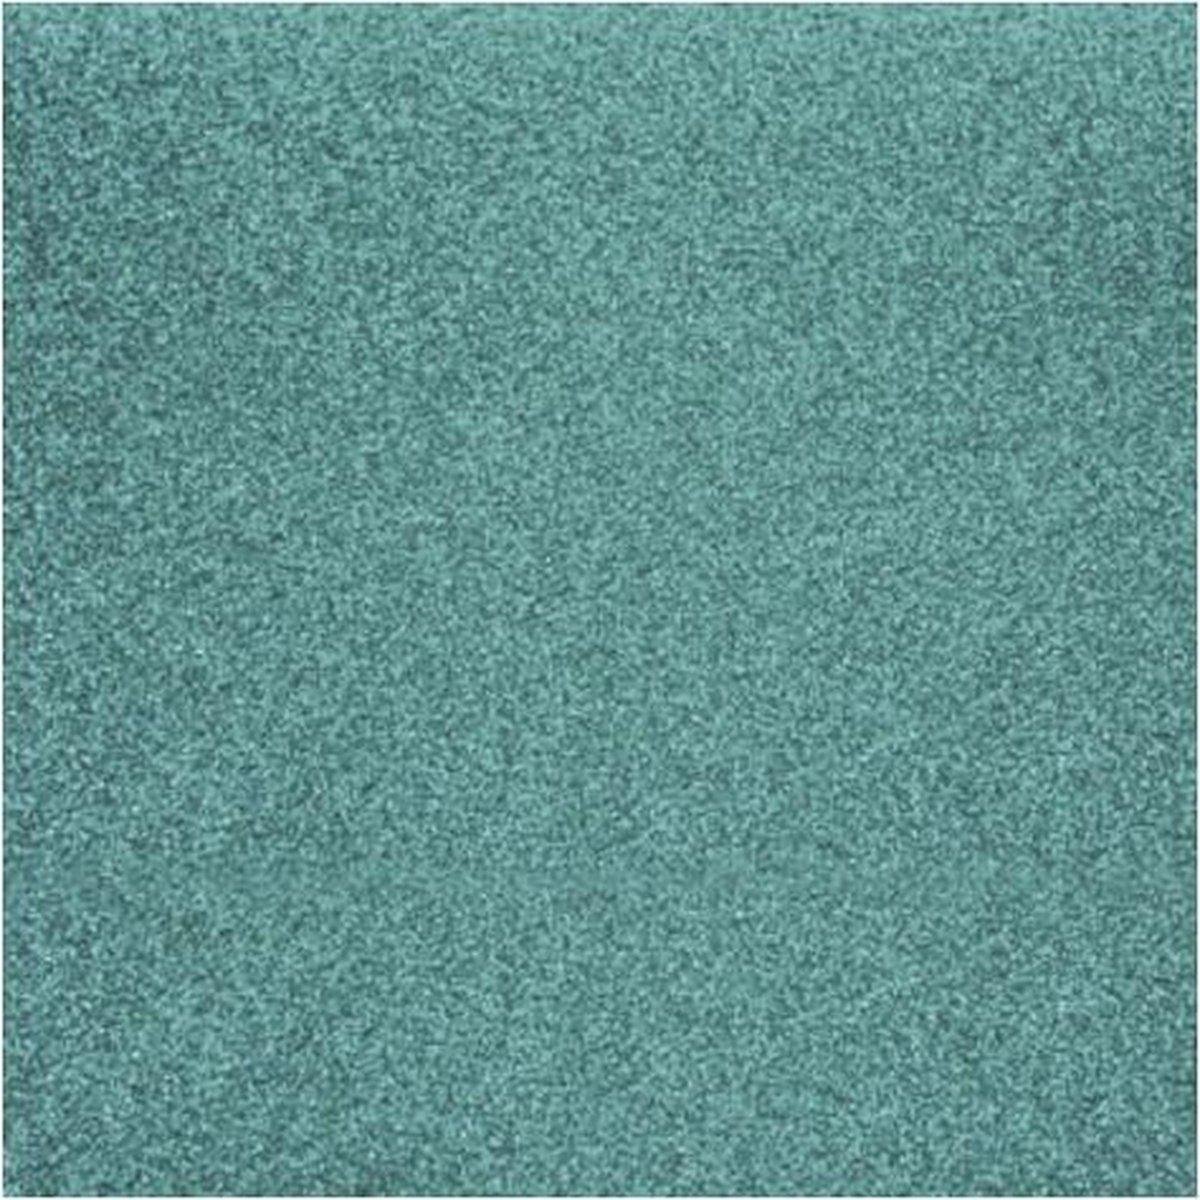 8x stuks turquoise blauw glitter papier vellen 30.5 x 30.5 cmm - Hobby scrapbooking artikelen